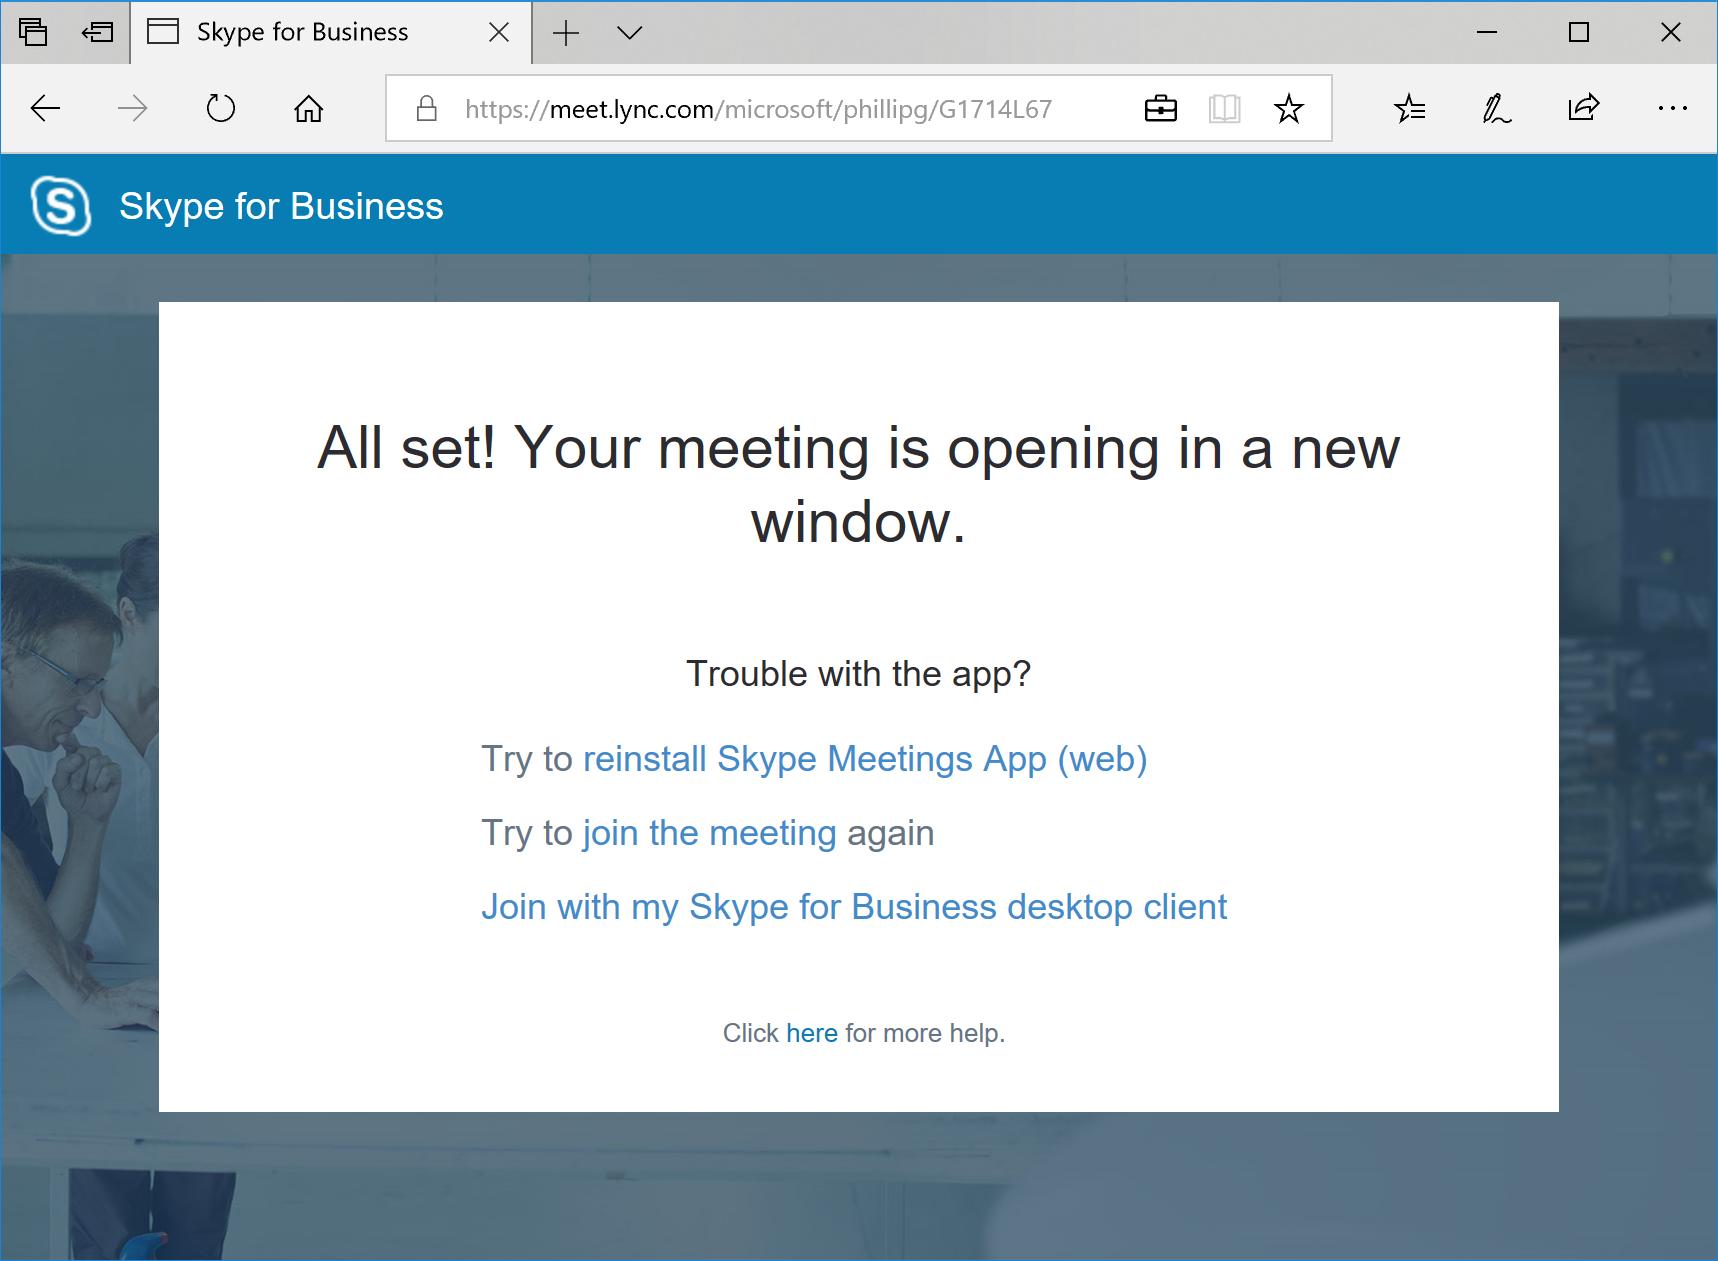 Skype Meetings App improvements on their way - Microsoft